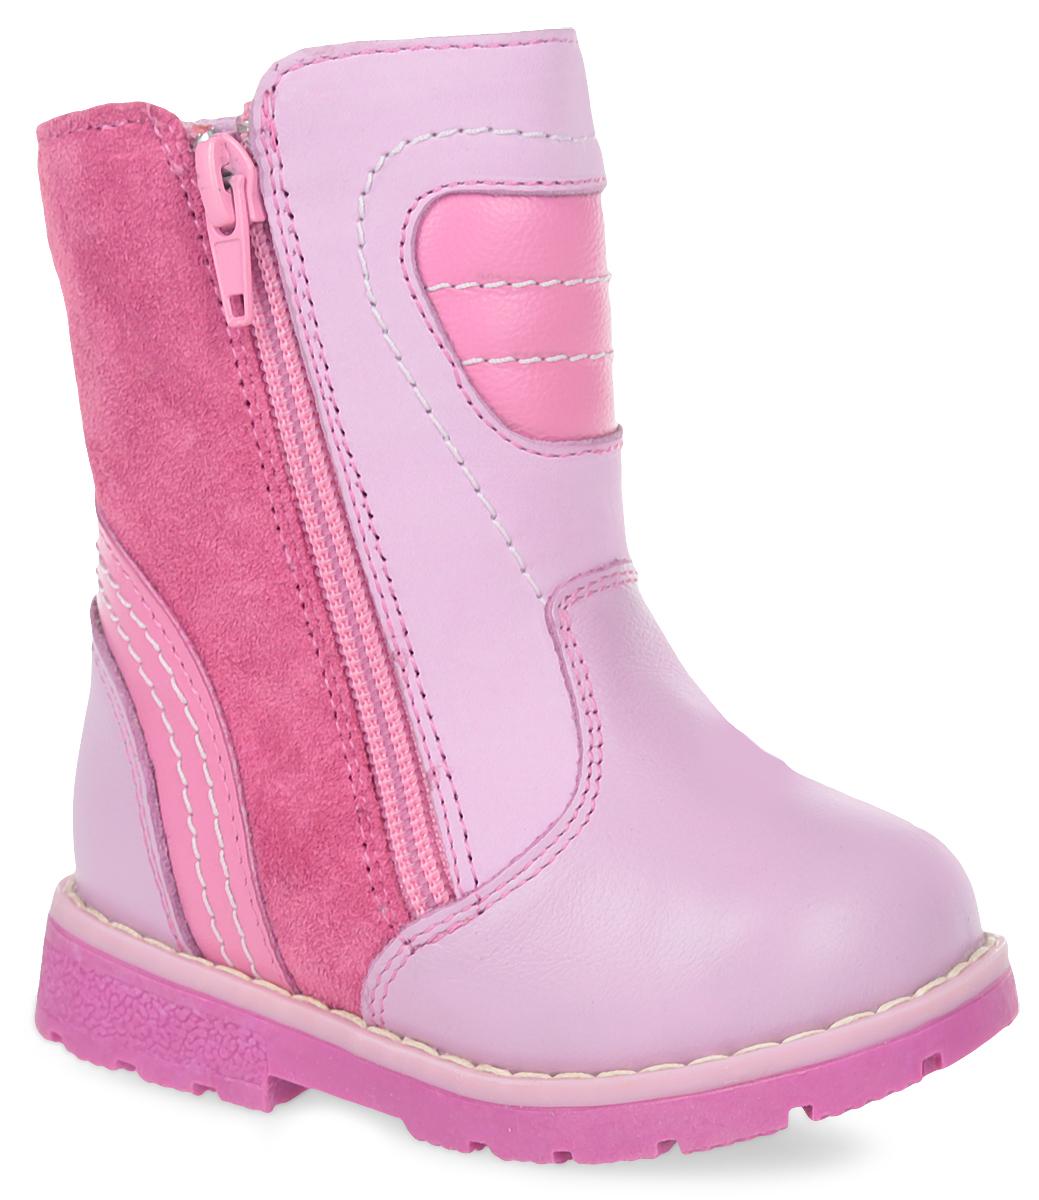 Ботинки утепленные для девочек Зебра, цвет: розовый. 11191-9. Размер 2611191-9Теплые полусапоги от Зебра выполнены из натуральной кожи. Застежка-молния надежно фиксирует изделие на ноге. Мягкая подкладка и стелька из натурального меха обеспечивают тепло, циркуляцию воздуха и сохраняют комфортный микроклимат в обуви. Подошва с рифлением гарантирует идеальное сцепление с любыми поверхностями. Сбоку модель оформлена декоративной молнией.